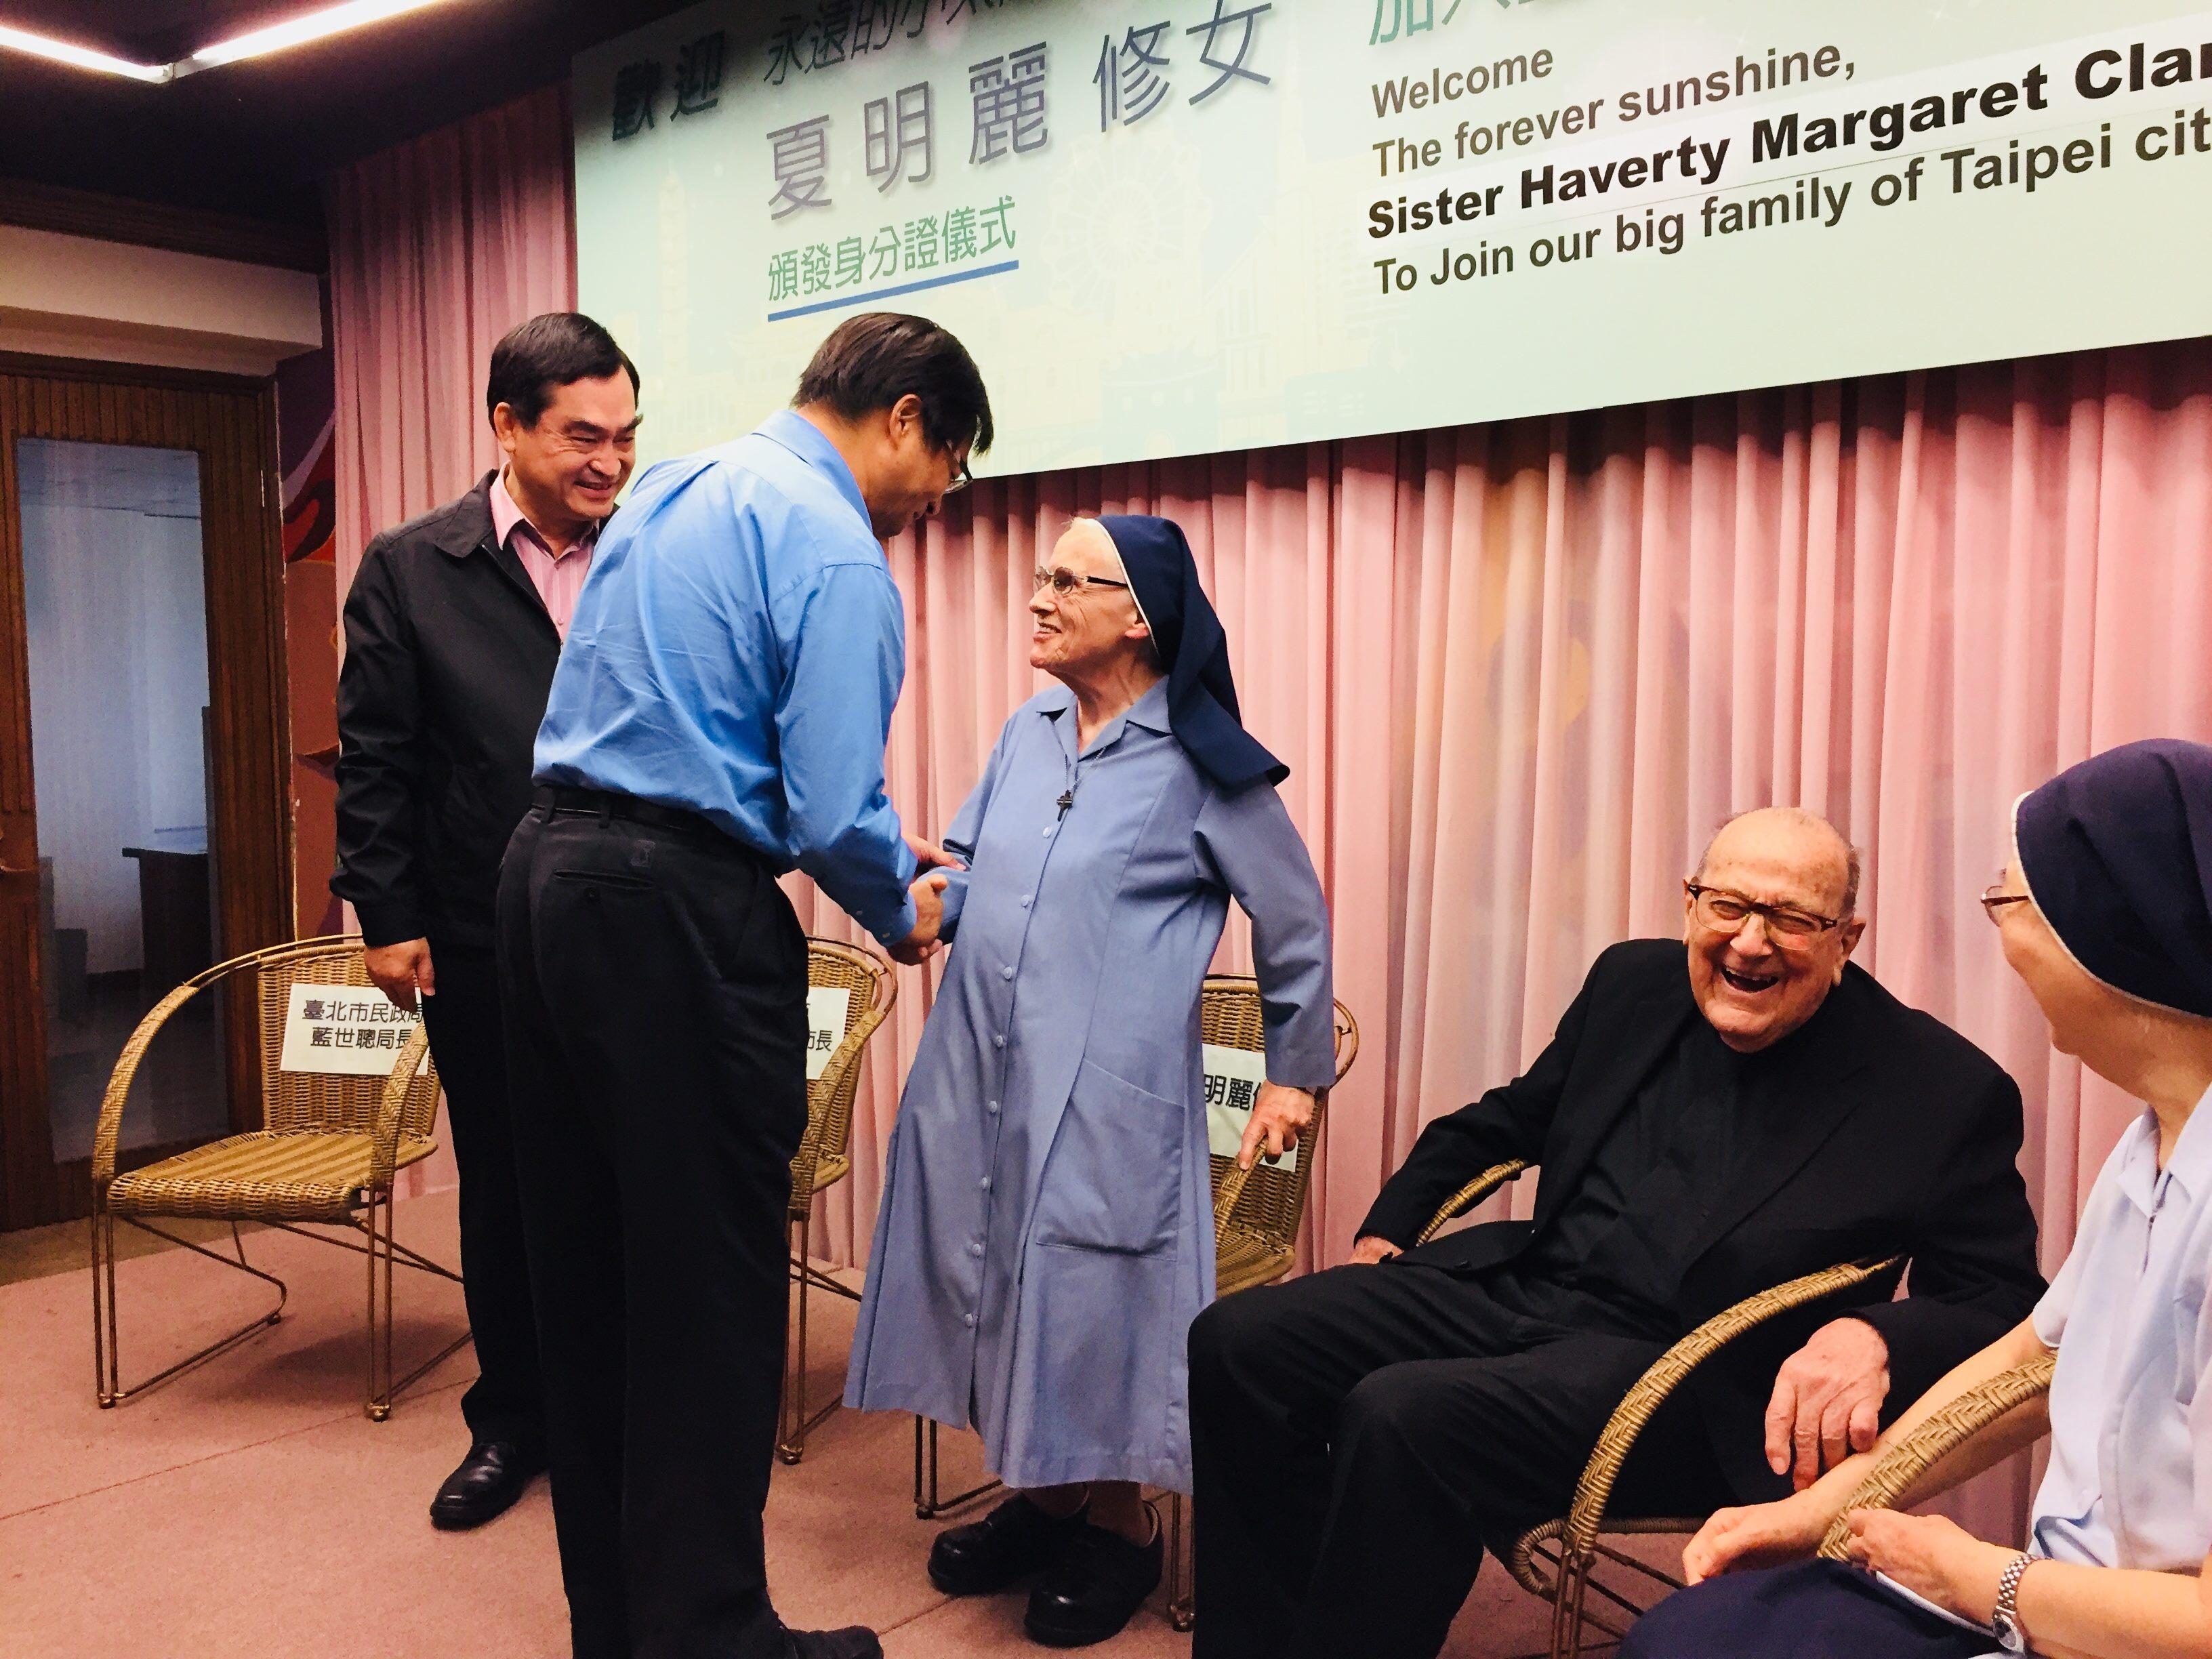 Sở trưởng Lam – sở dân chính bày tỏ sự cám ơn